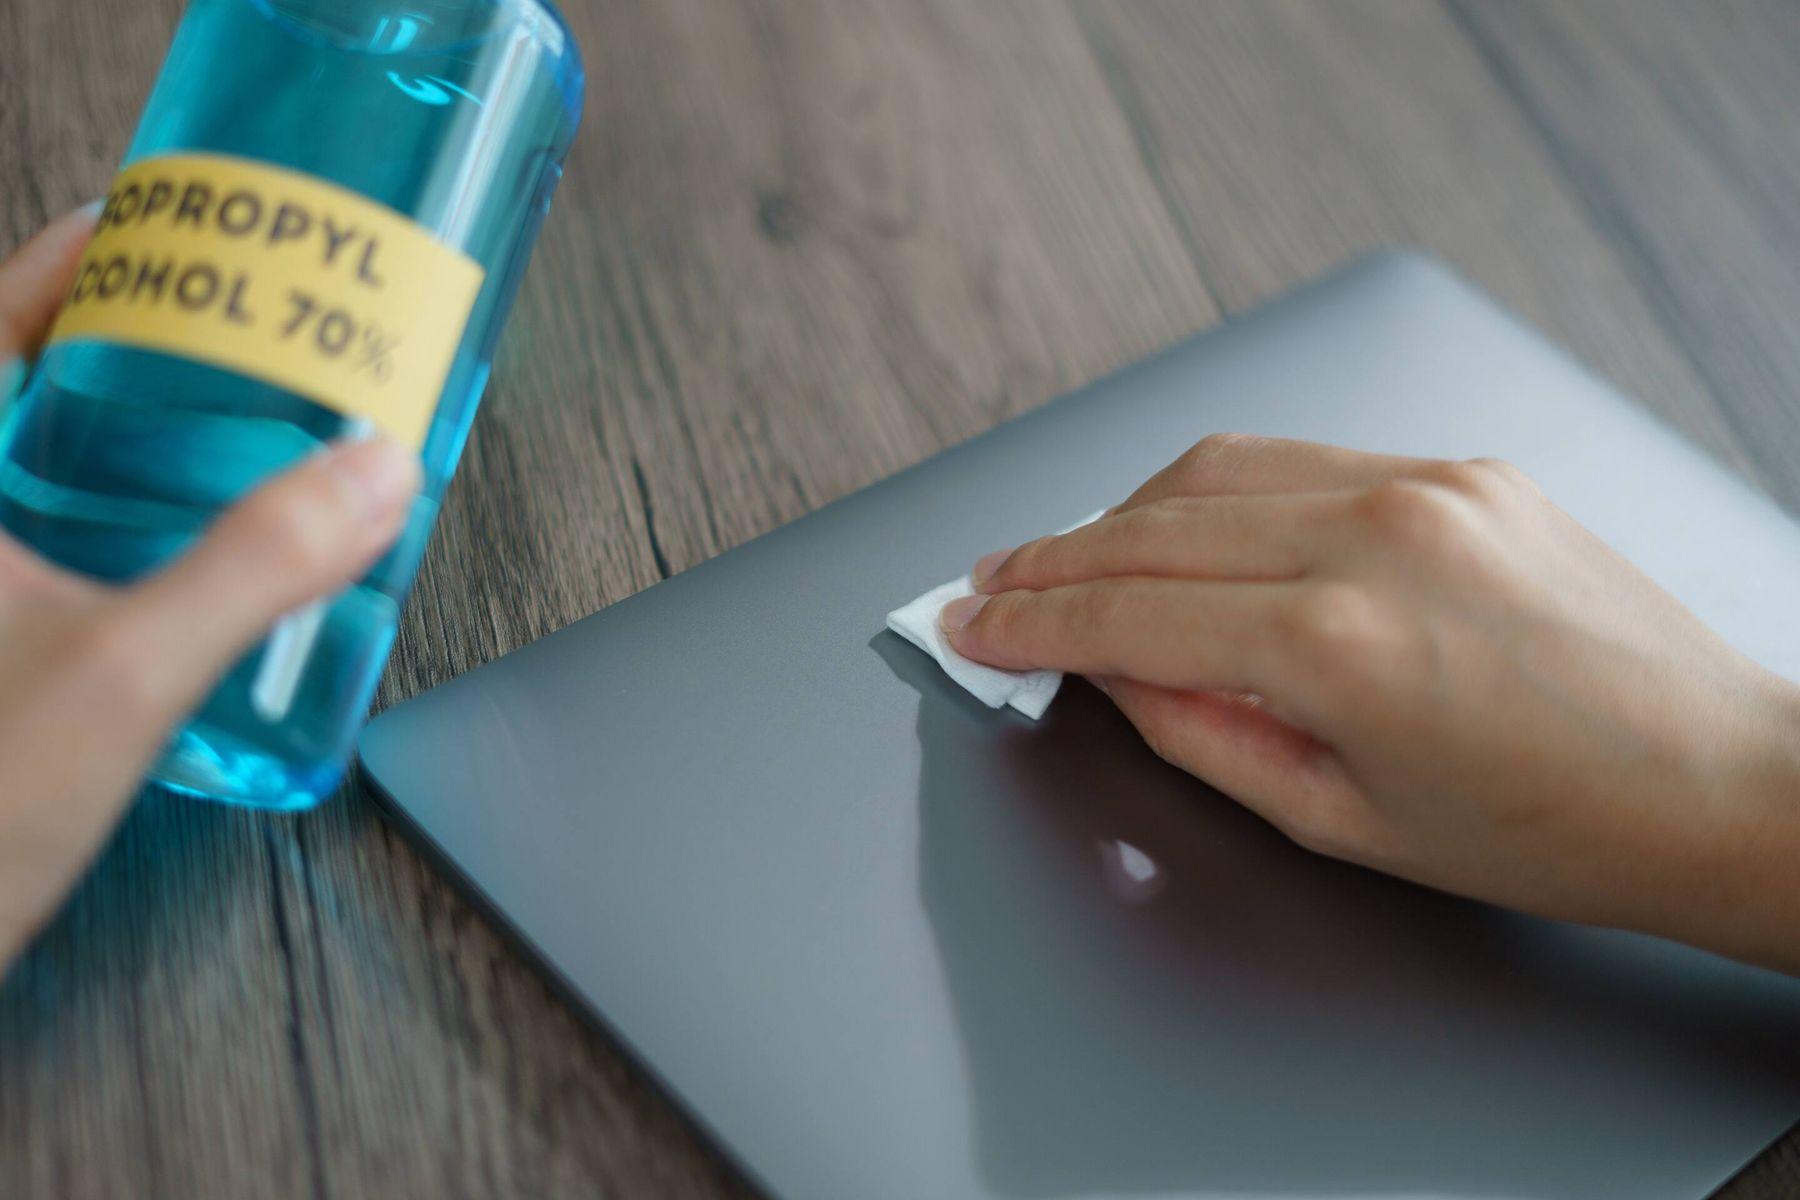 Cách vệ sinh vỏ laptop bằng khăn lau microfiber và cồn alcohol 70 độ